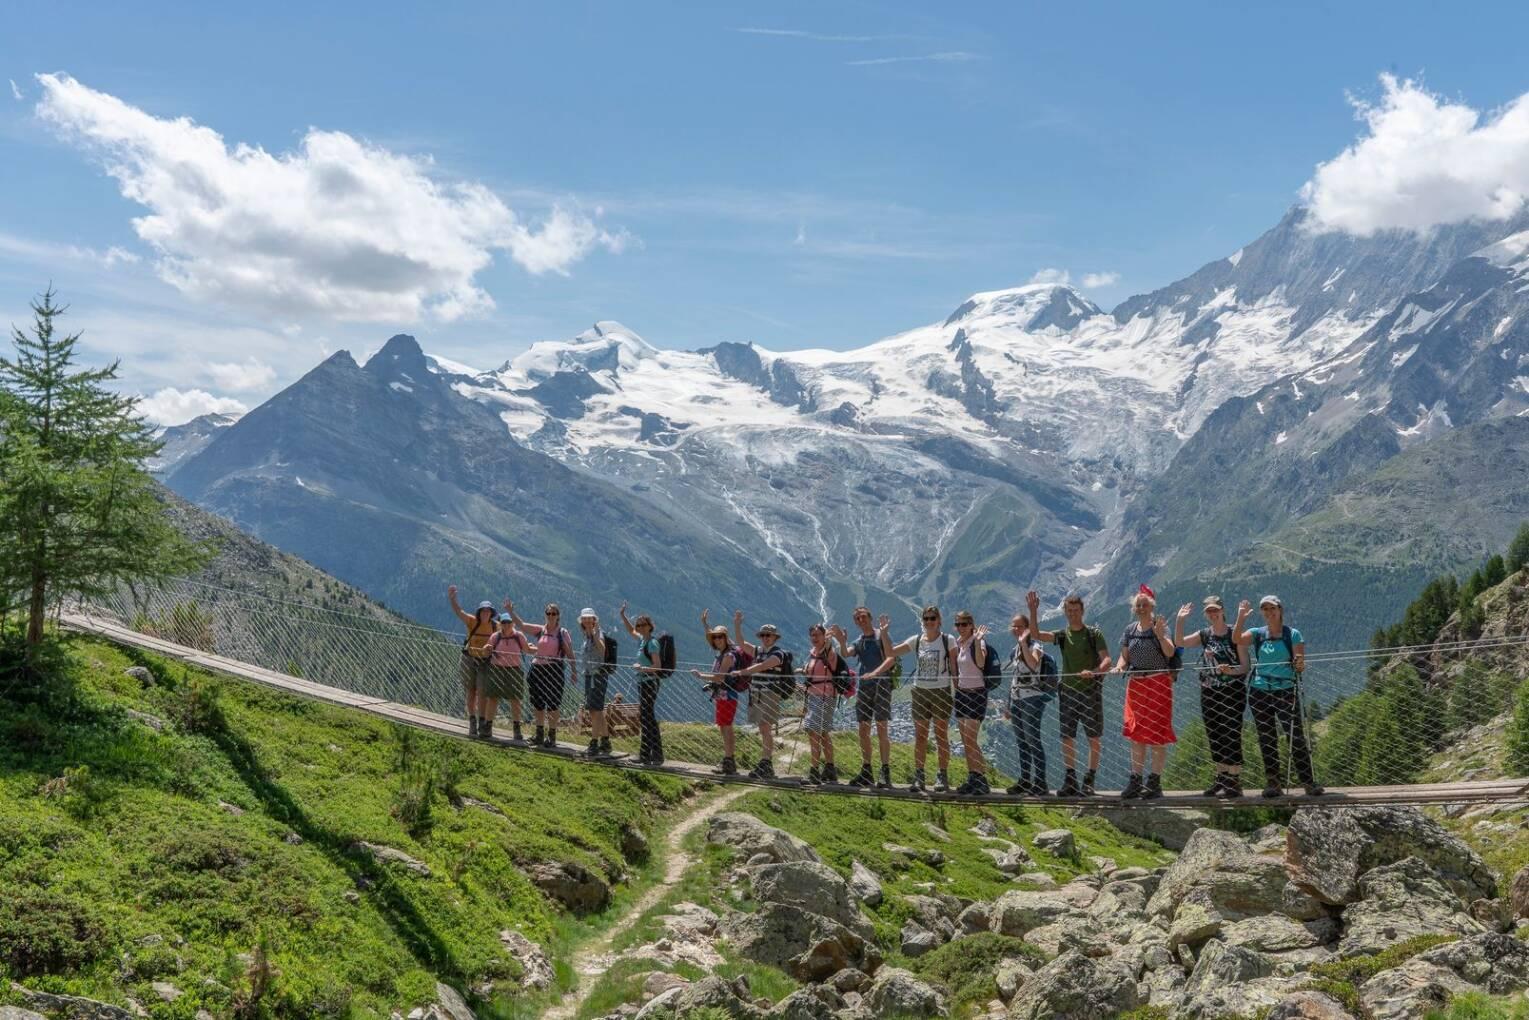 Bergwandelen in het Oostenrijkse Paznauntal - Oostenrijk - 1